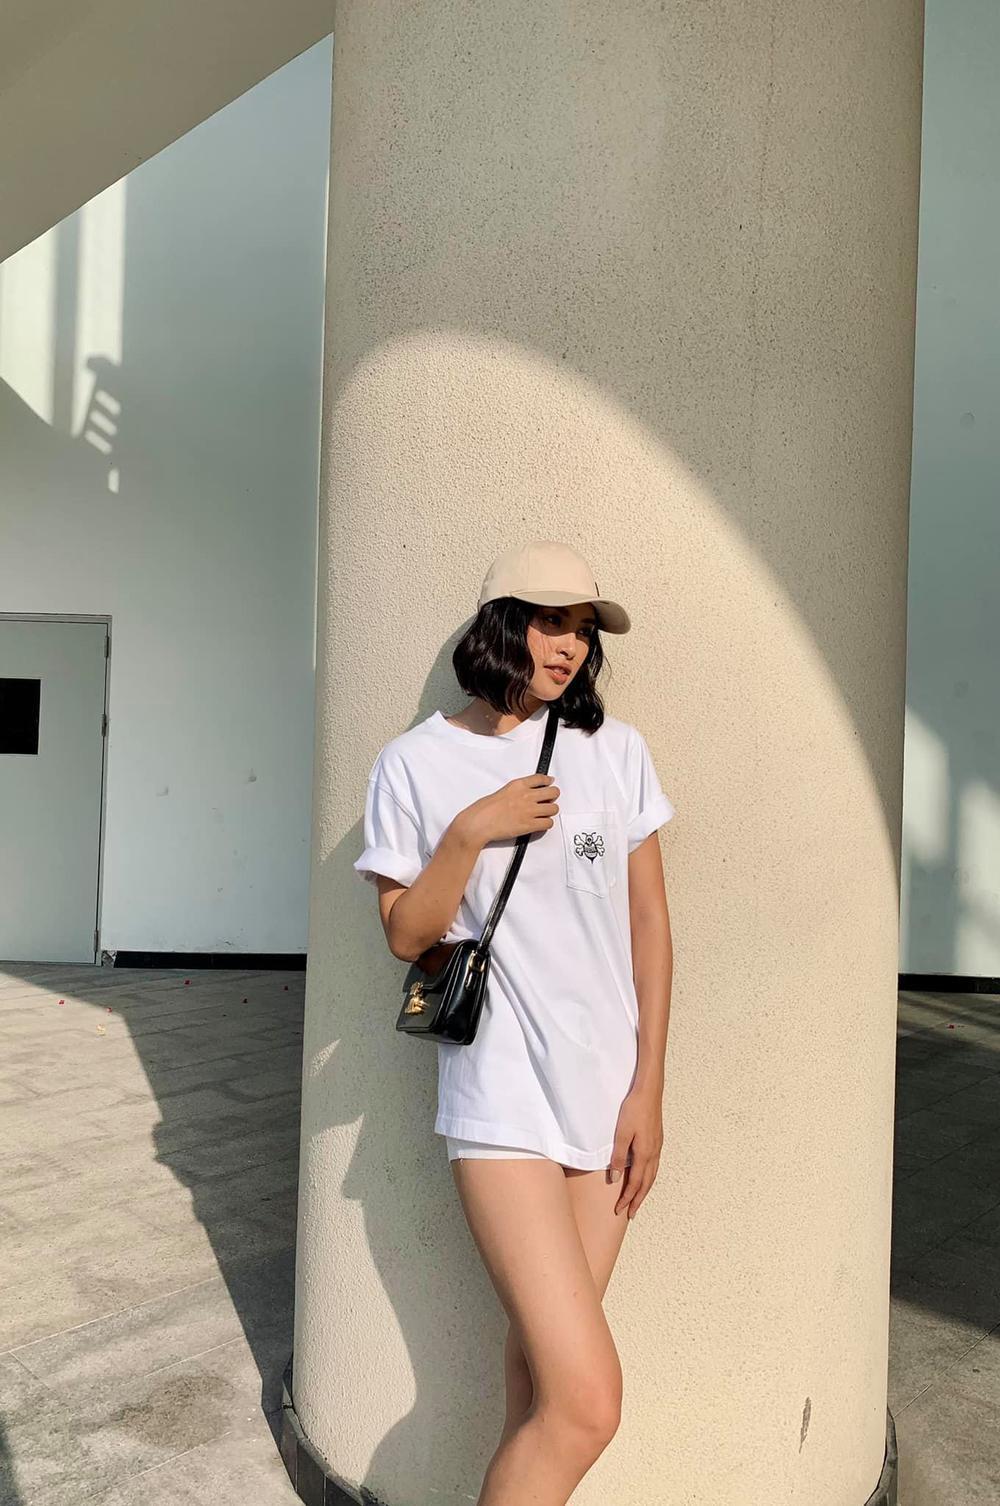 Hoa hậu Tiểu Vy cool ngầu xuống phố với set đồ tomboy lạ mắt Ảnh 6